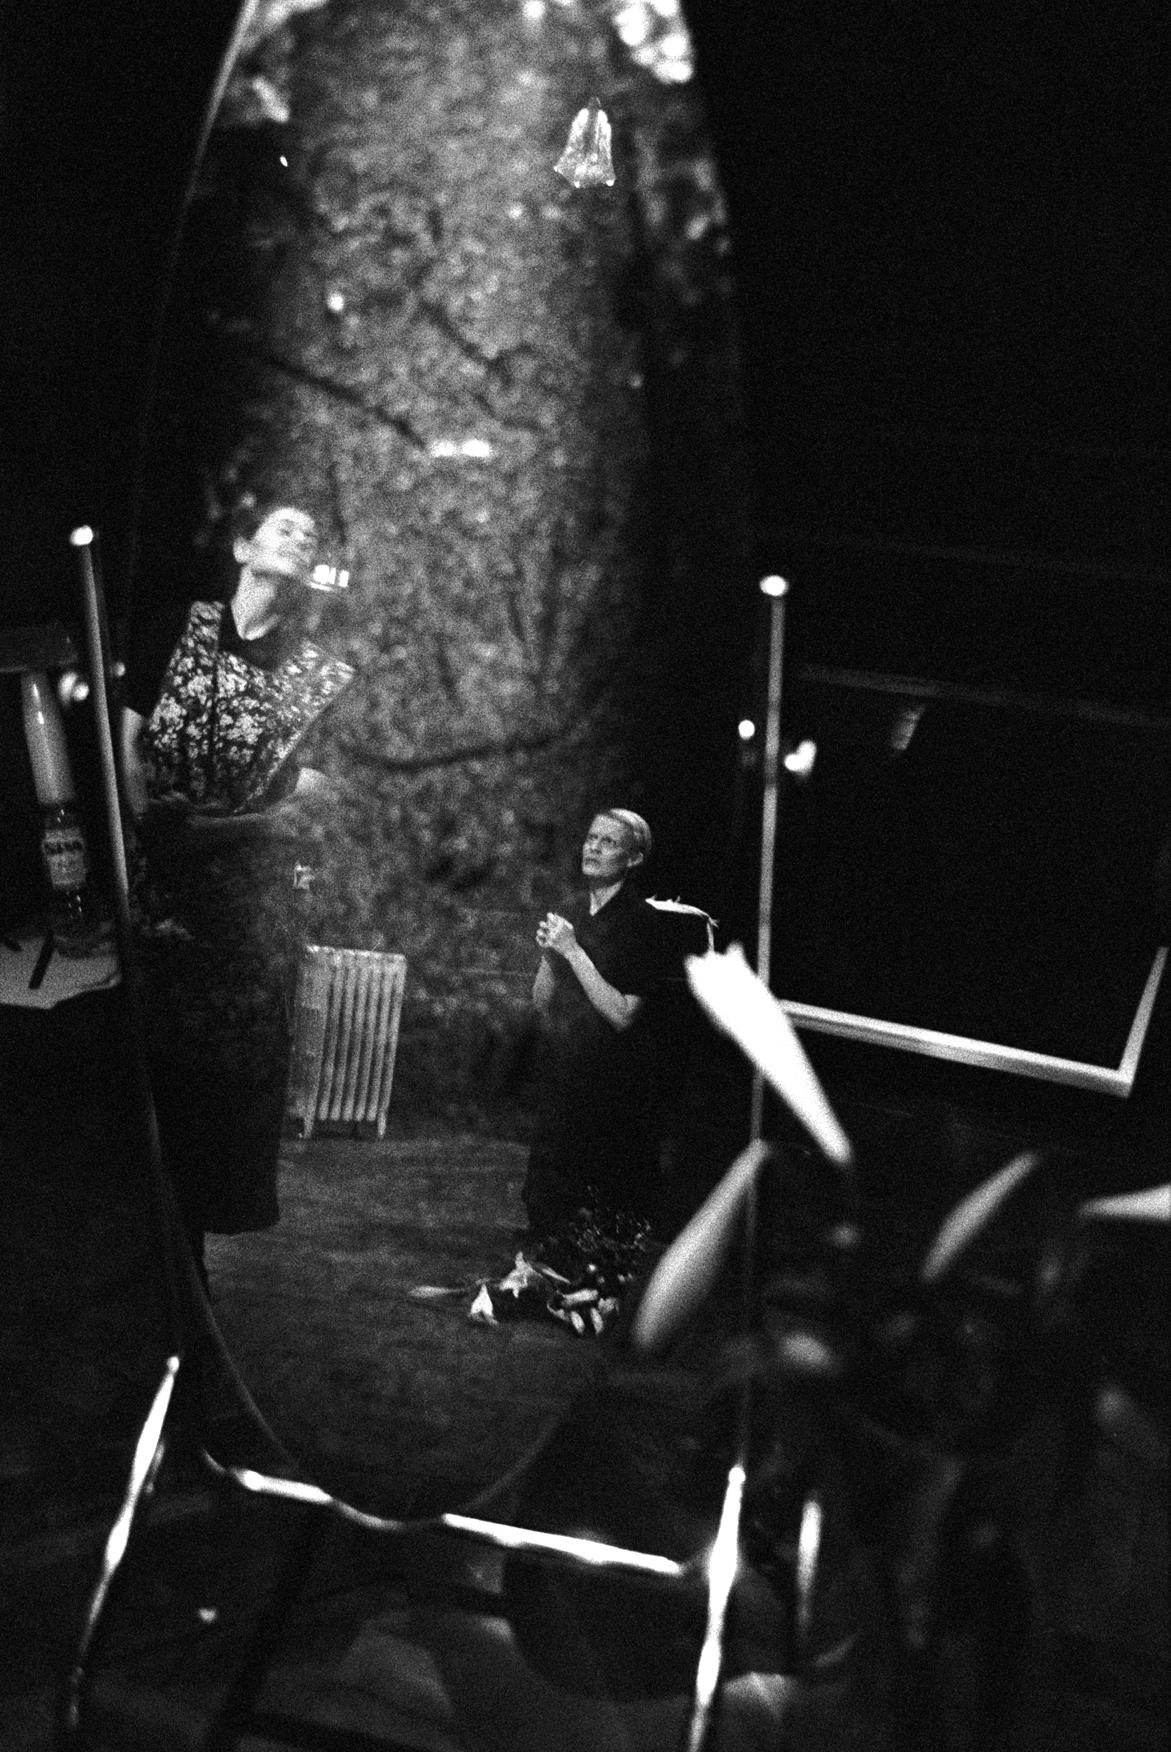 Ενα πολύ ενδιαφέρον καρέ από την παράσταση «Οι δούλες» του Ζαν Ζενέ στο θέατρο Young Vic του Λονδίνου, το 1999